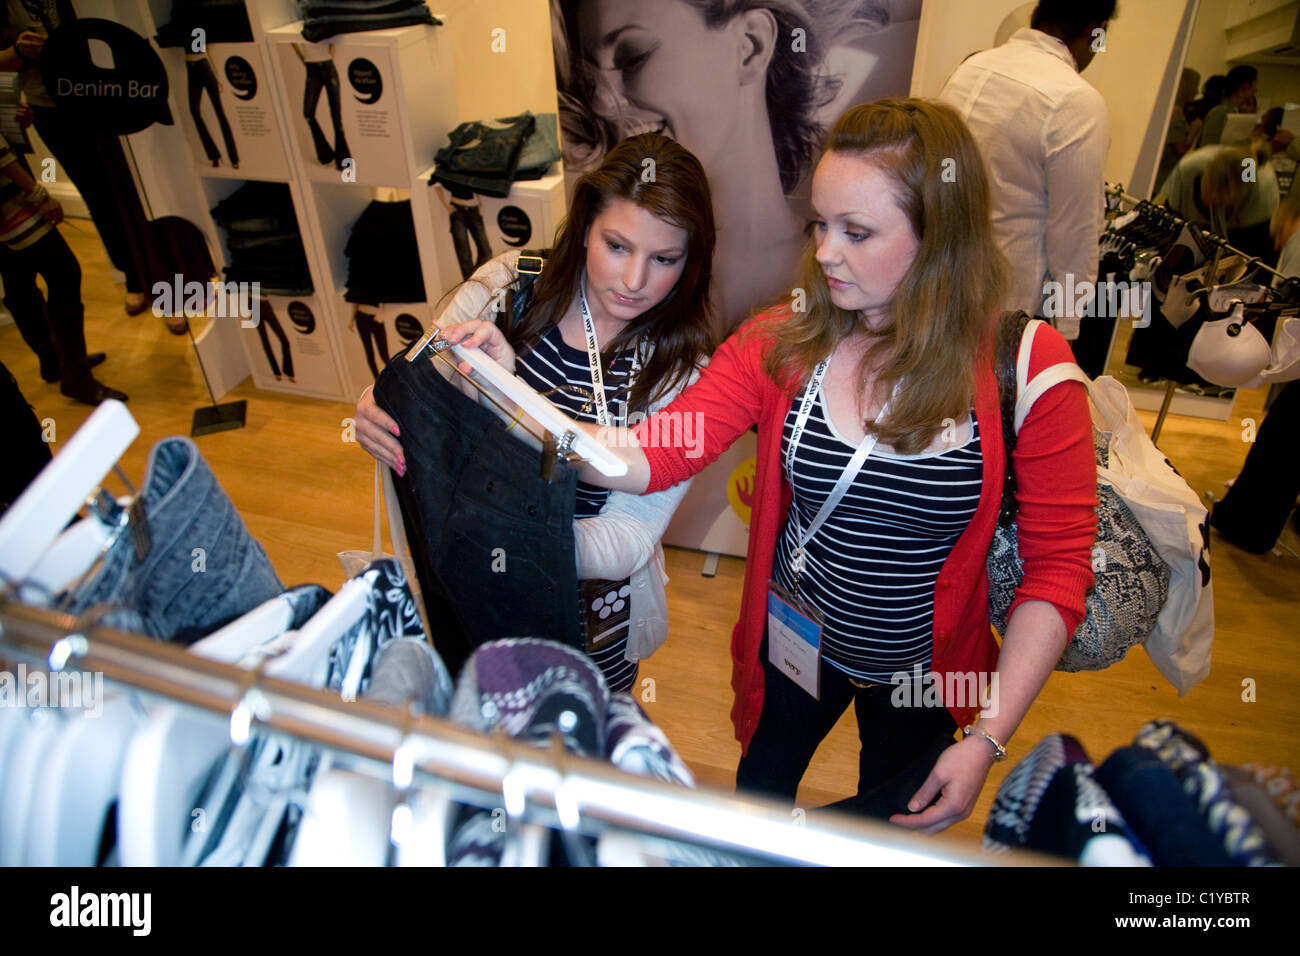 84e0aaf43f Mujeres Comprando Ropa Imágenes De Stock   Mujeres Comprando Ropa ...